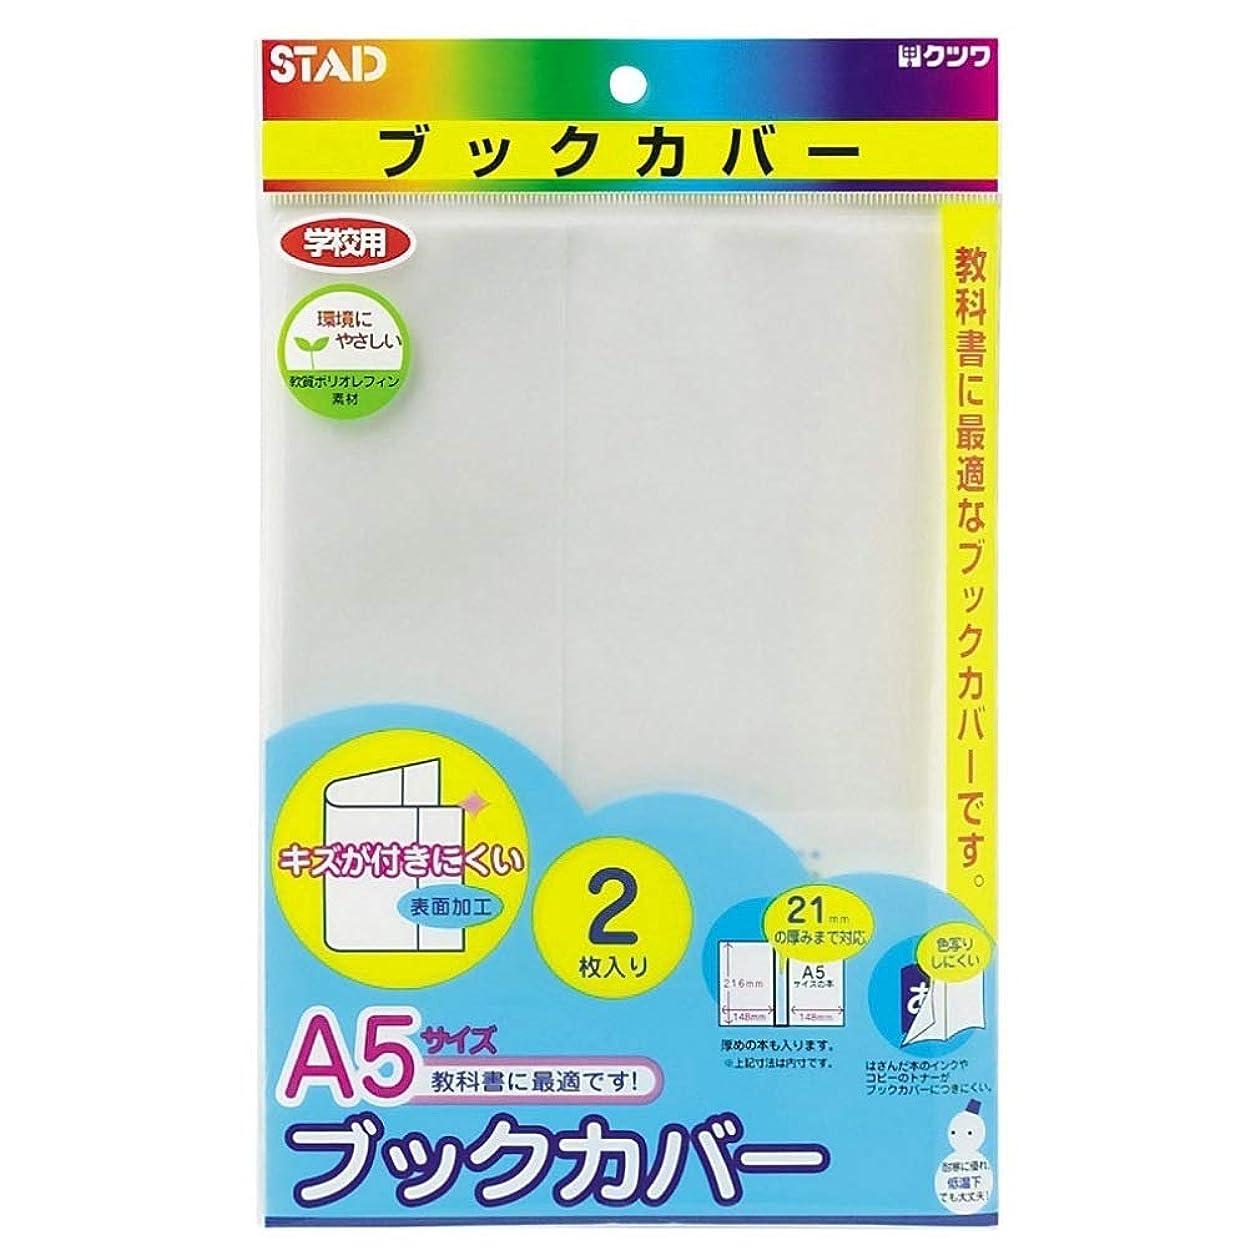 伸ばす食料品店可能にするクツワ STAD ブックカバー オレフィン製 A5サイズ RA044